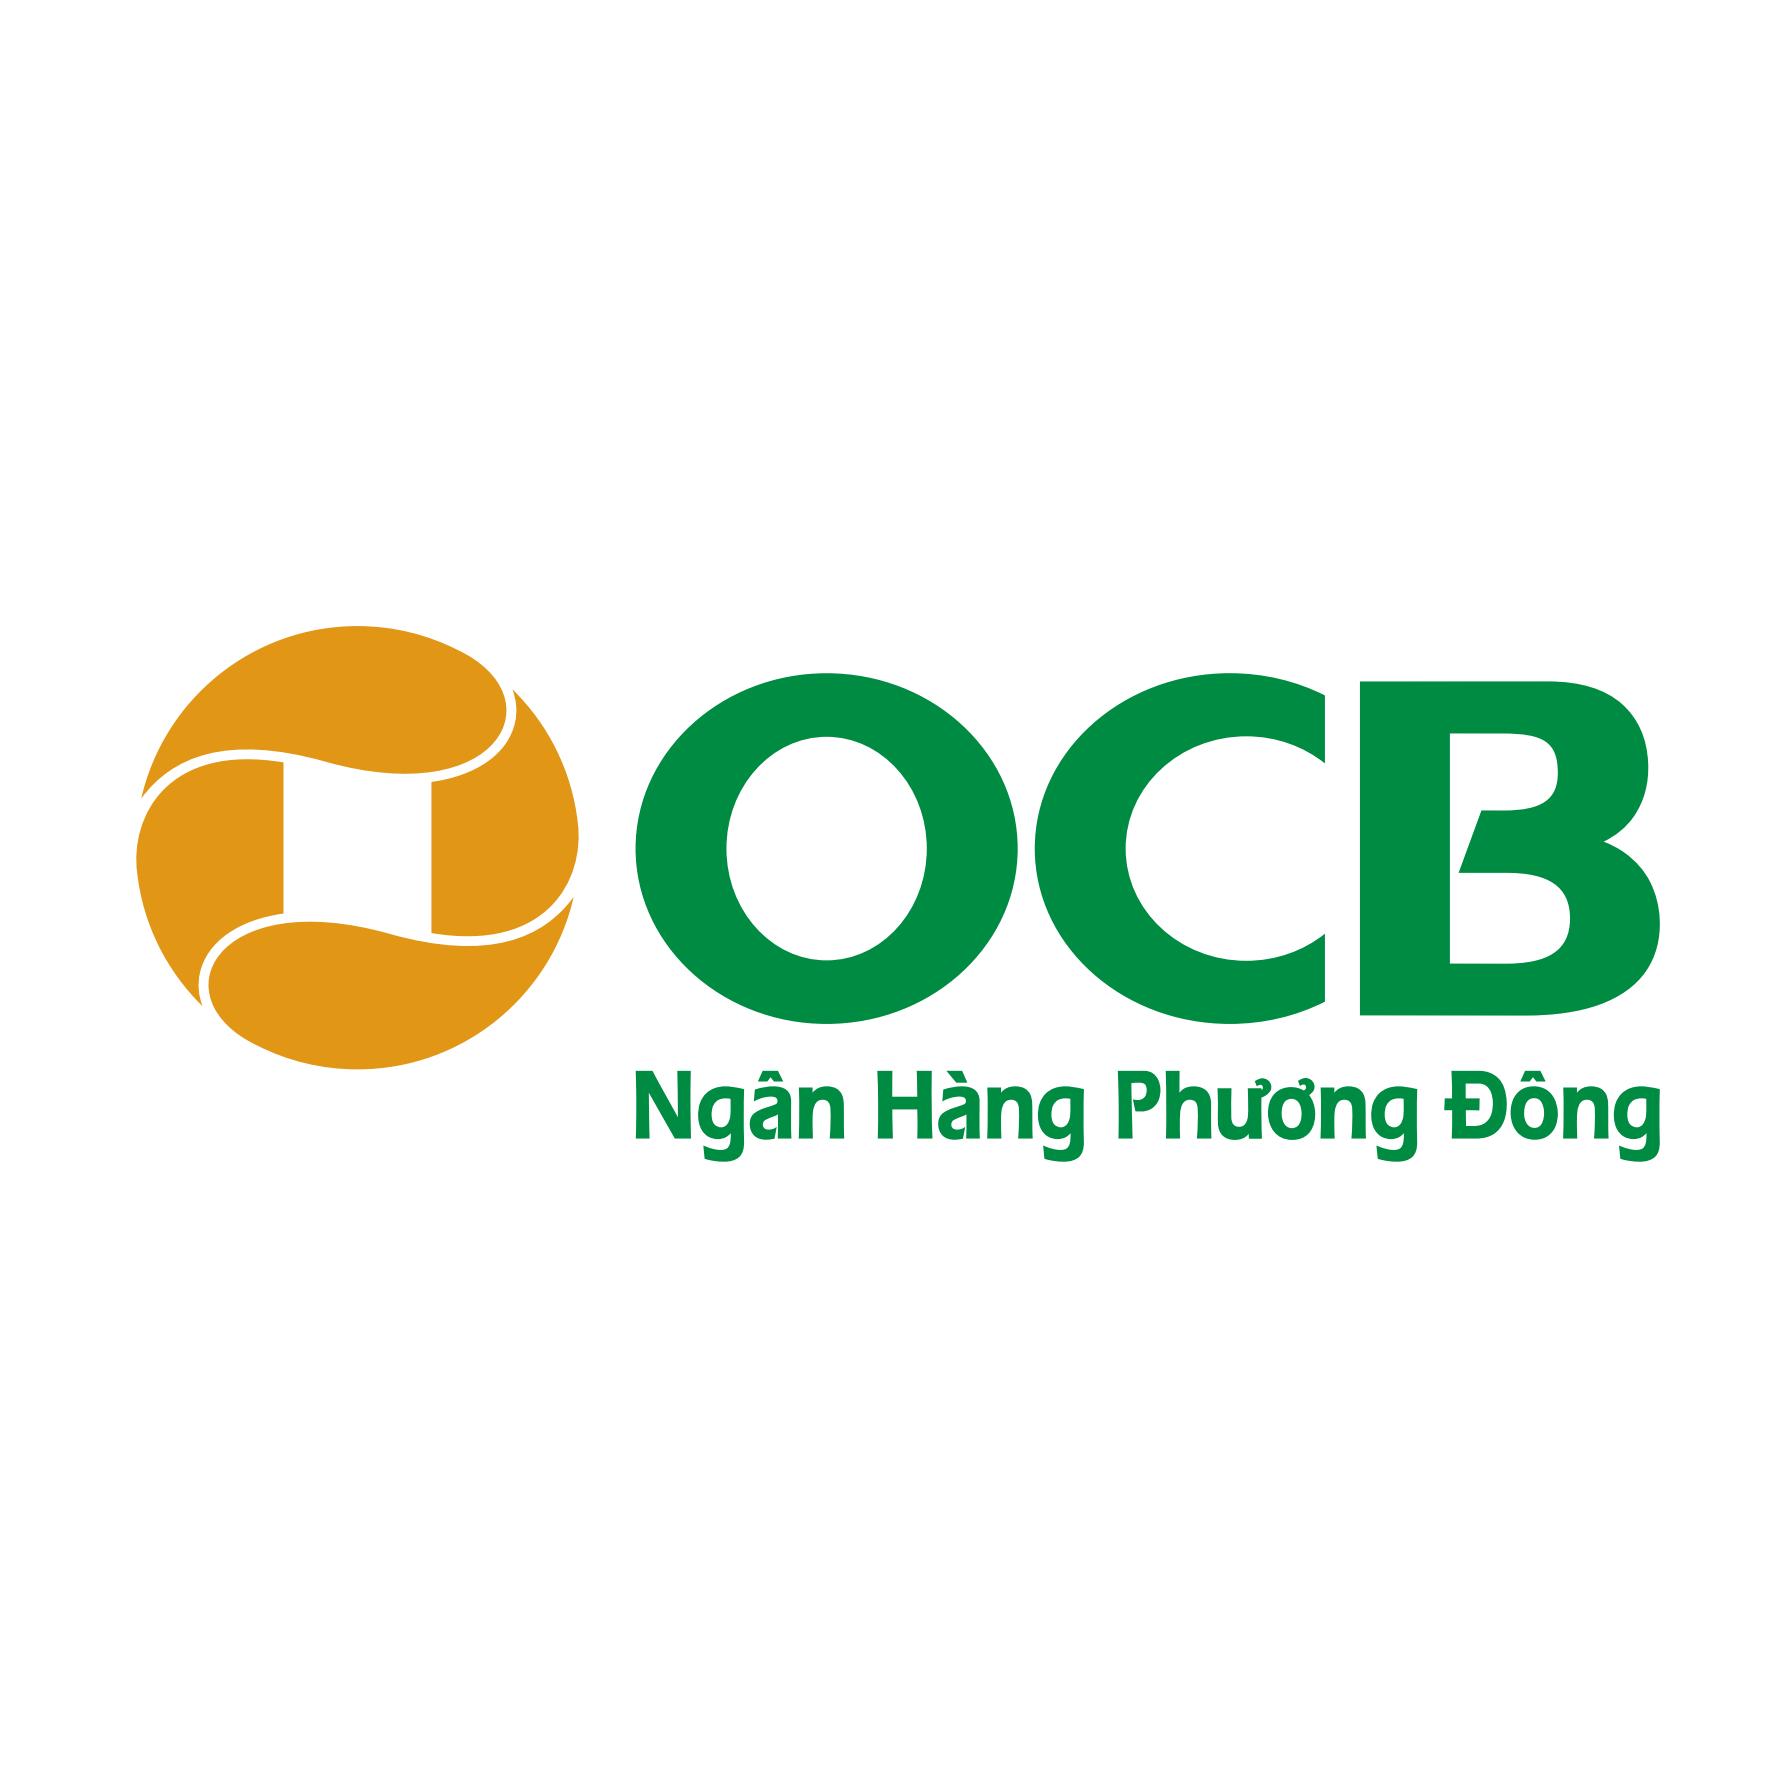 Logo Ngân Hàng TMCP Phương Đông (OCB) (Chi nhánh Đà Nẵng)